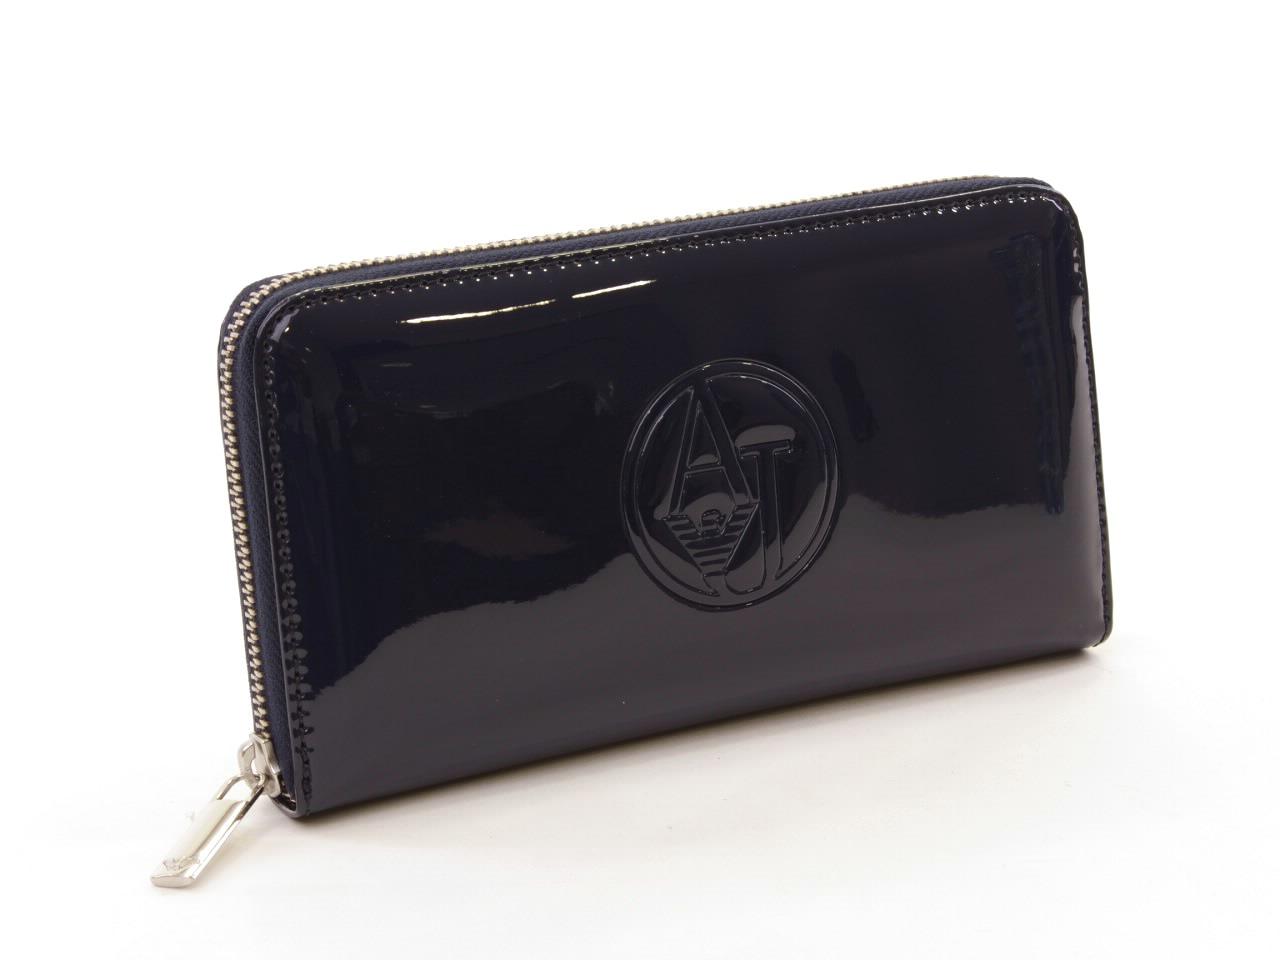 Porta-Moedas, Carteiras Armani Jeans, Emporio Armani - 529 05V32